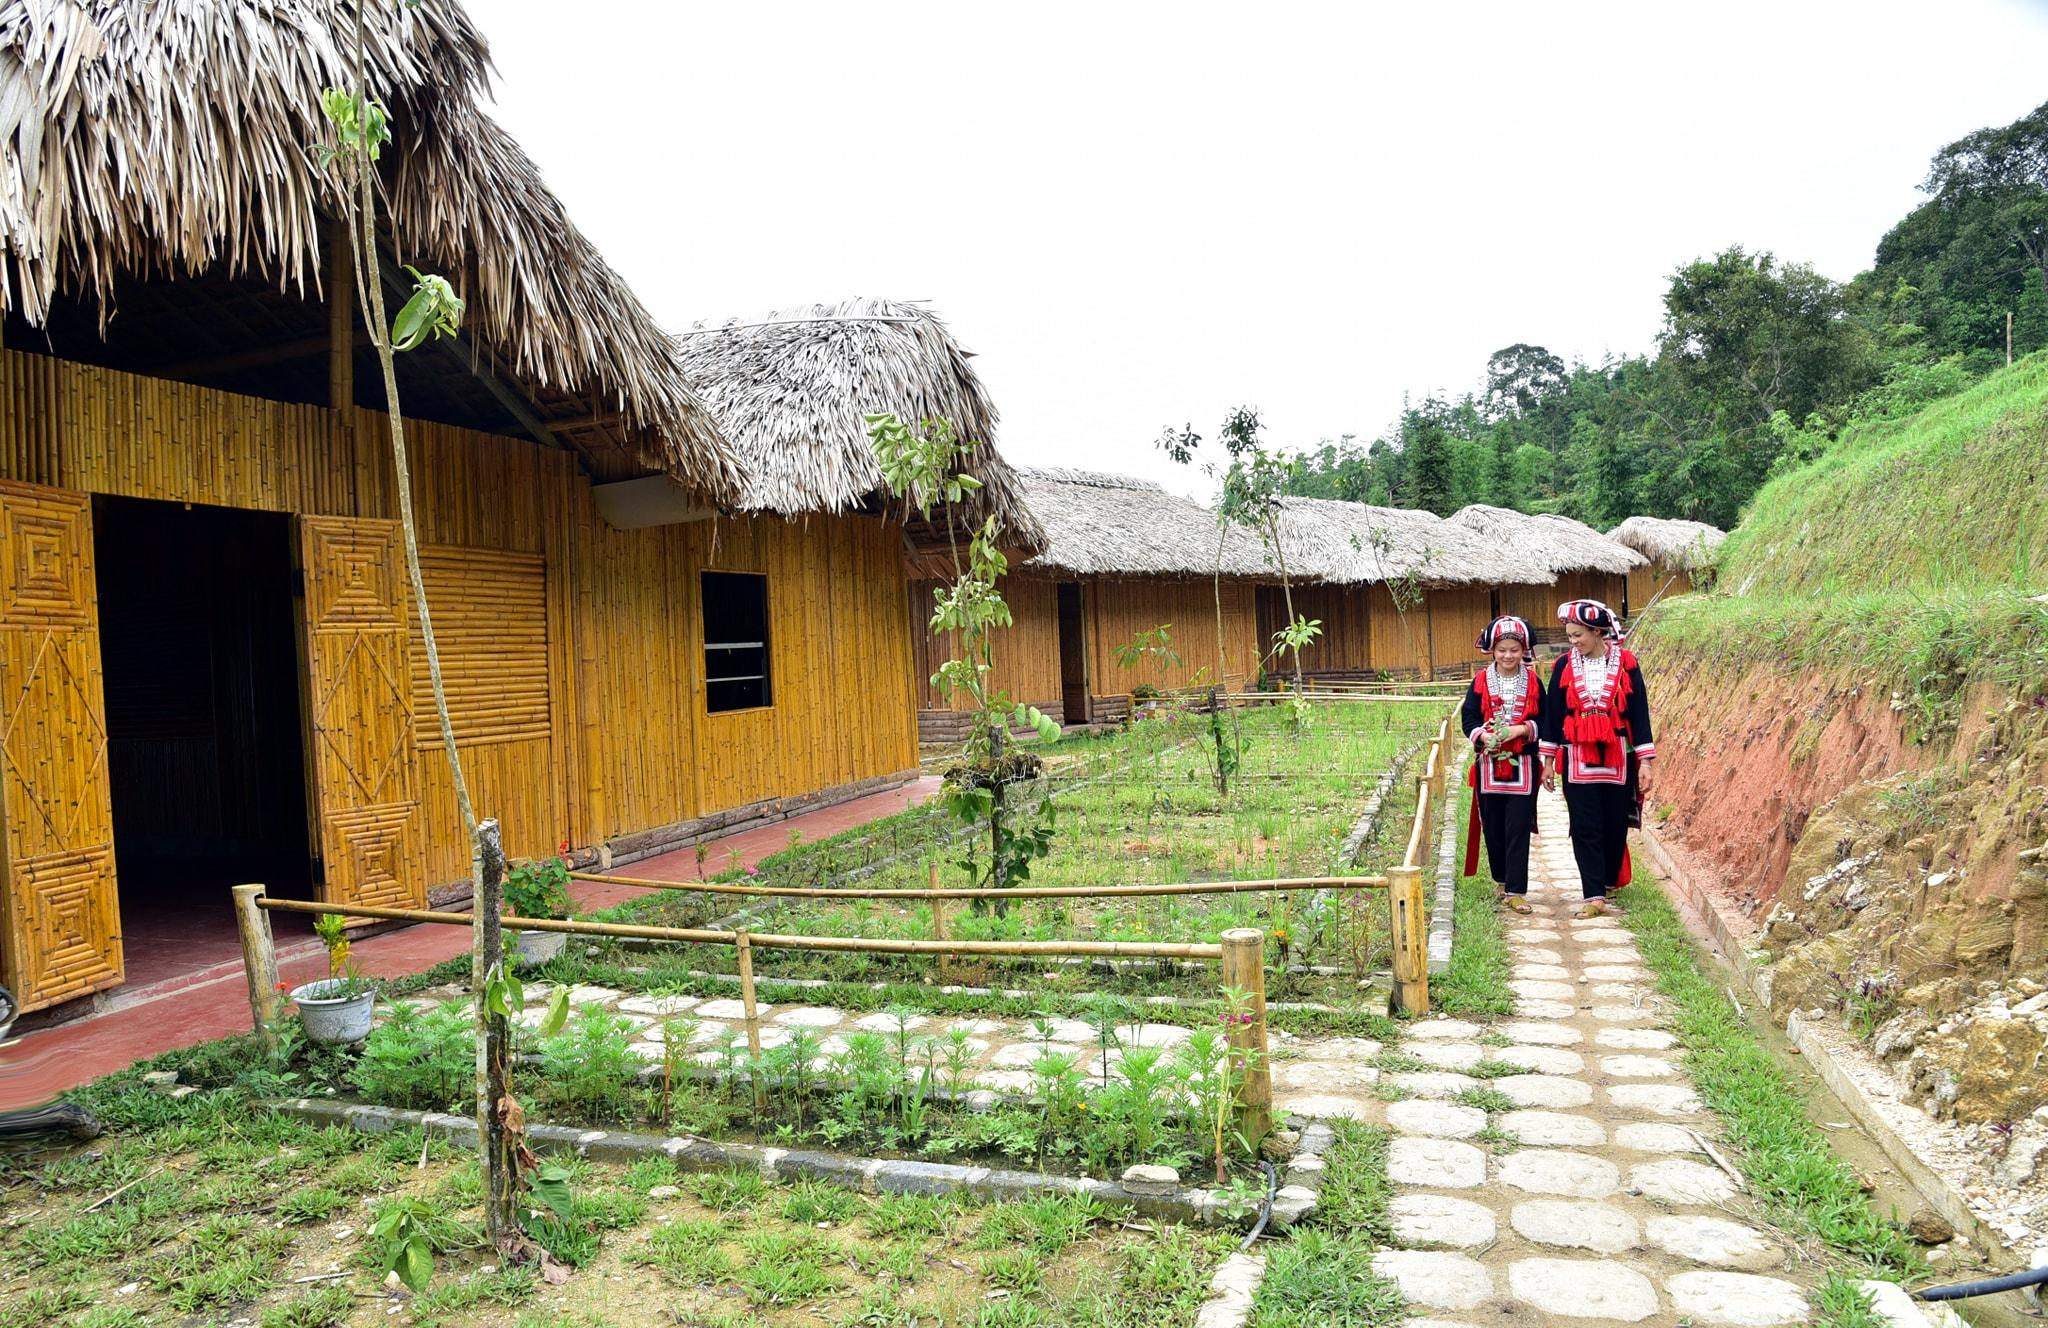 HTX du lịch cộng đồng và dịch vụ tổng hợp thôn Nậm Hồng giúp đoàn viên, thanh niên trong thôn, xã có thêm nghề mới